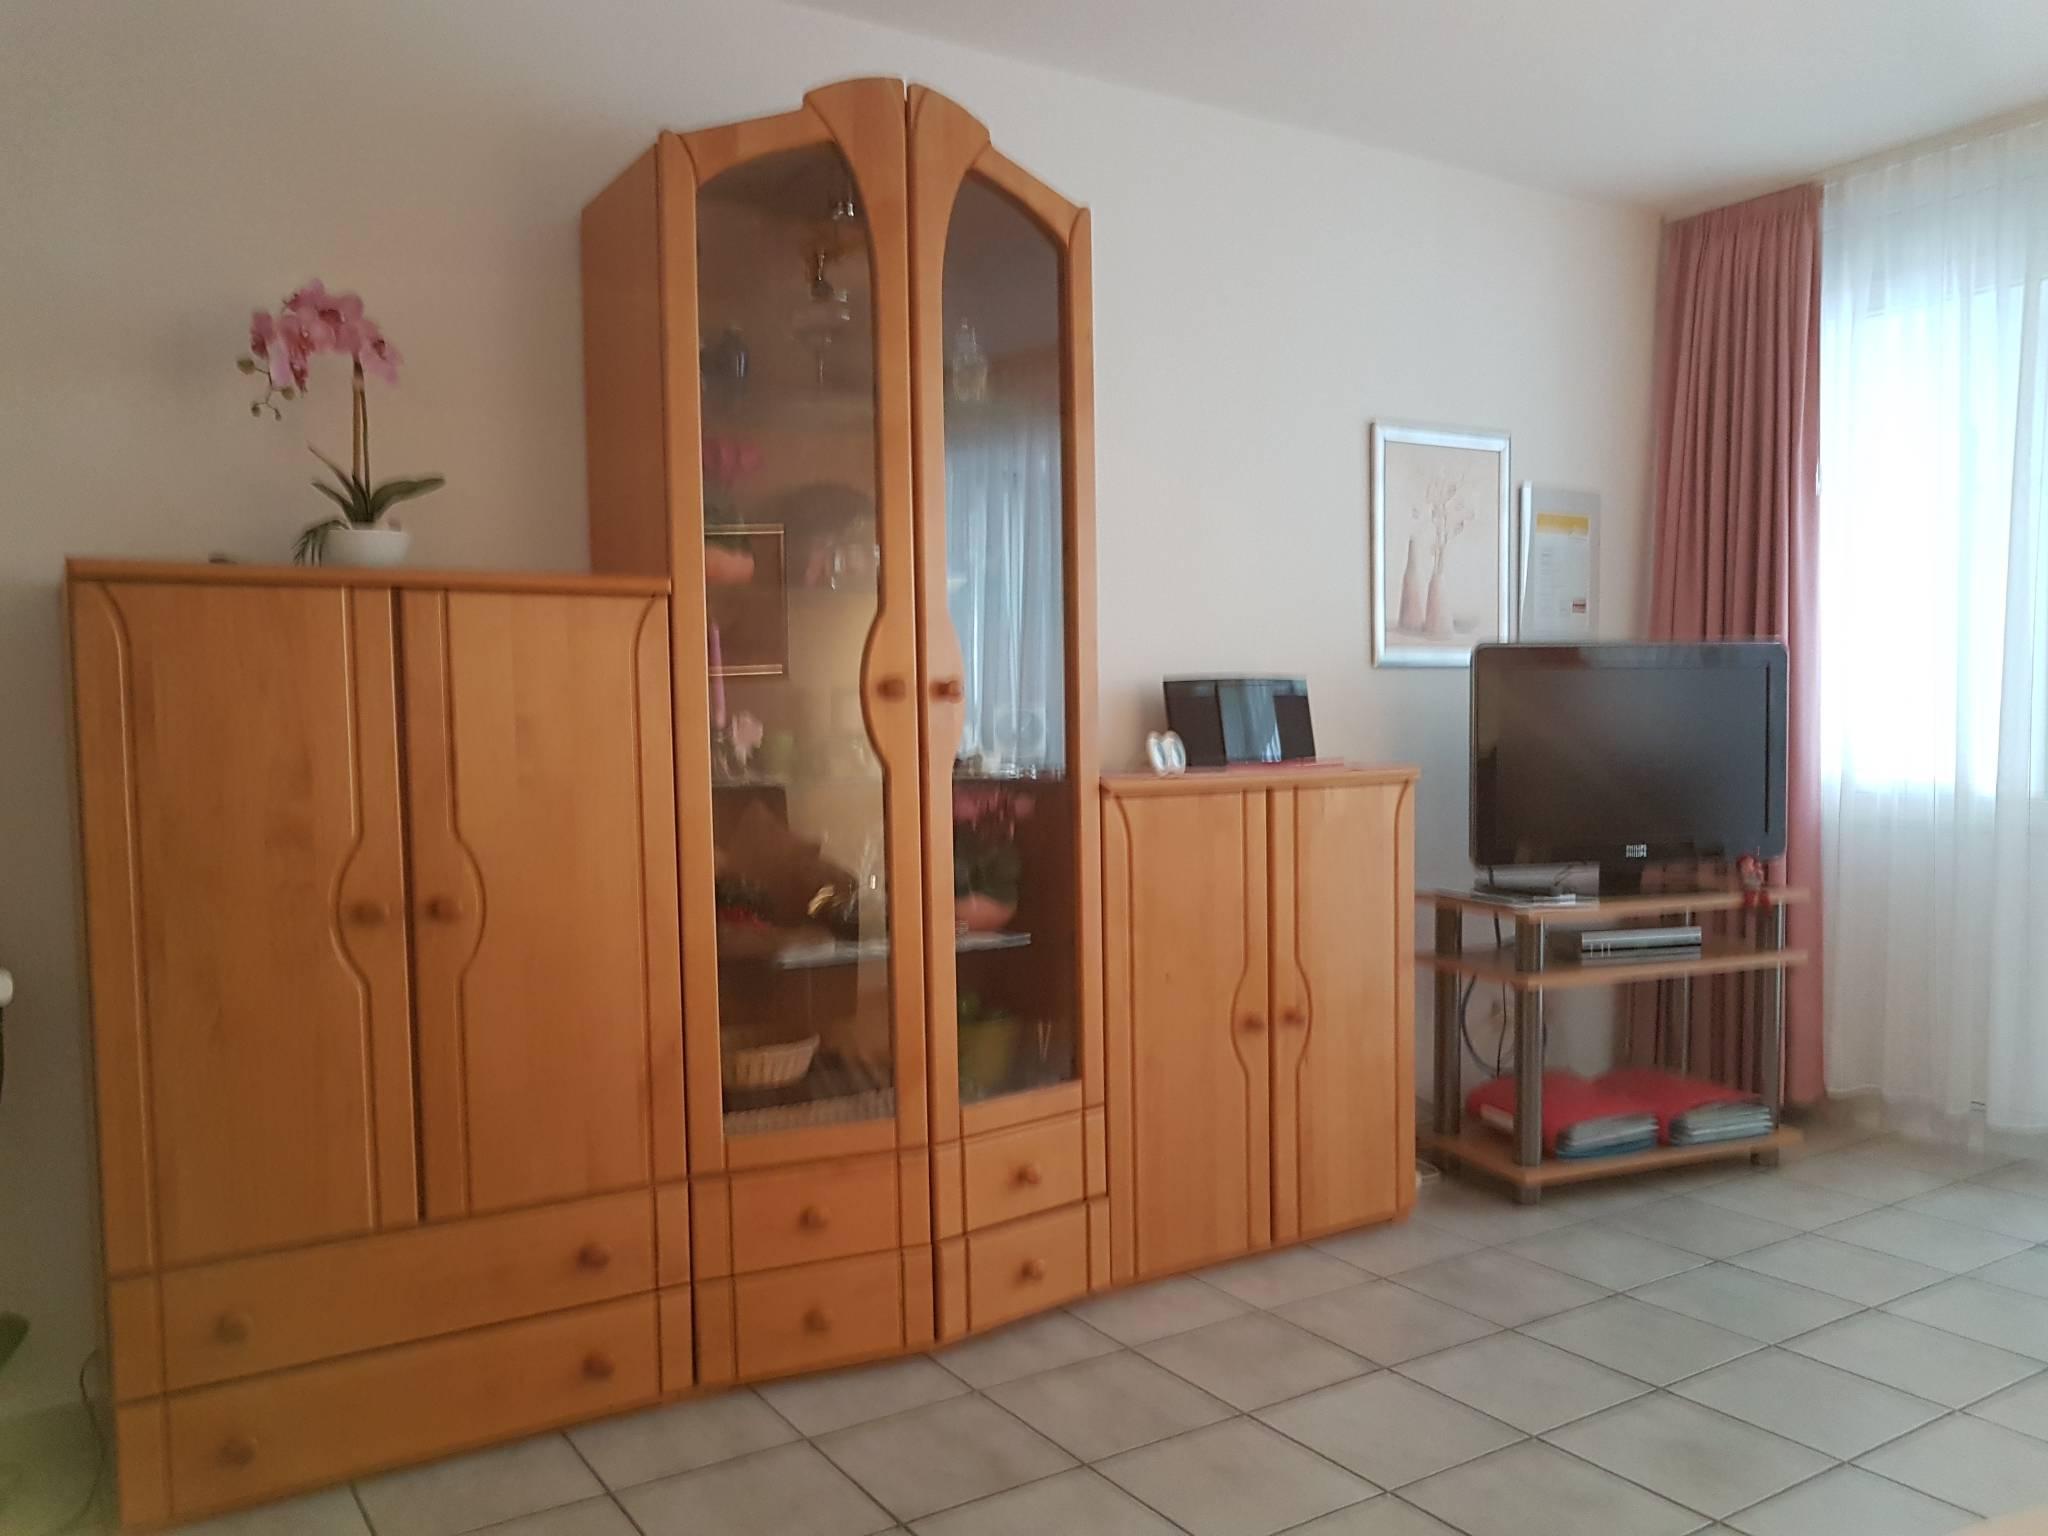 Wohnzimmer mit Essecke und Sitzecke